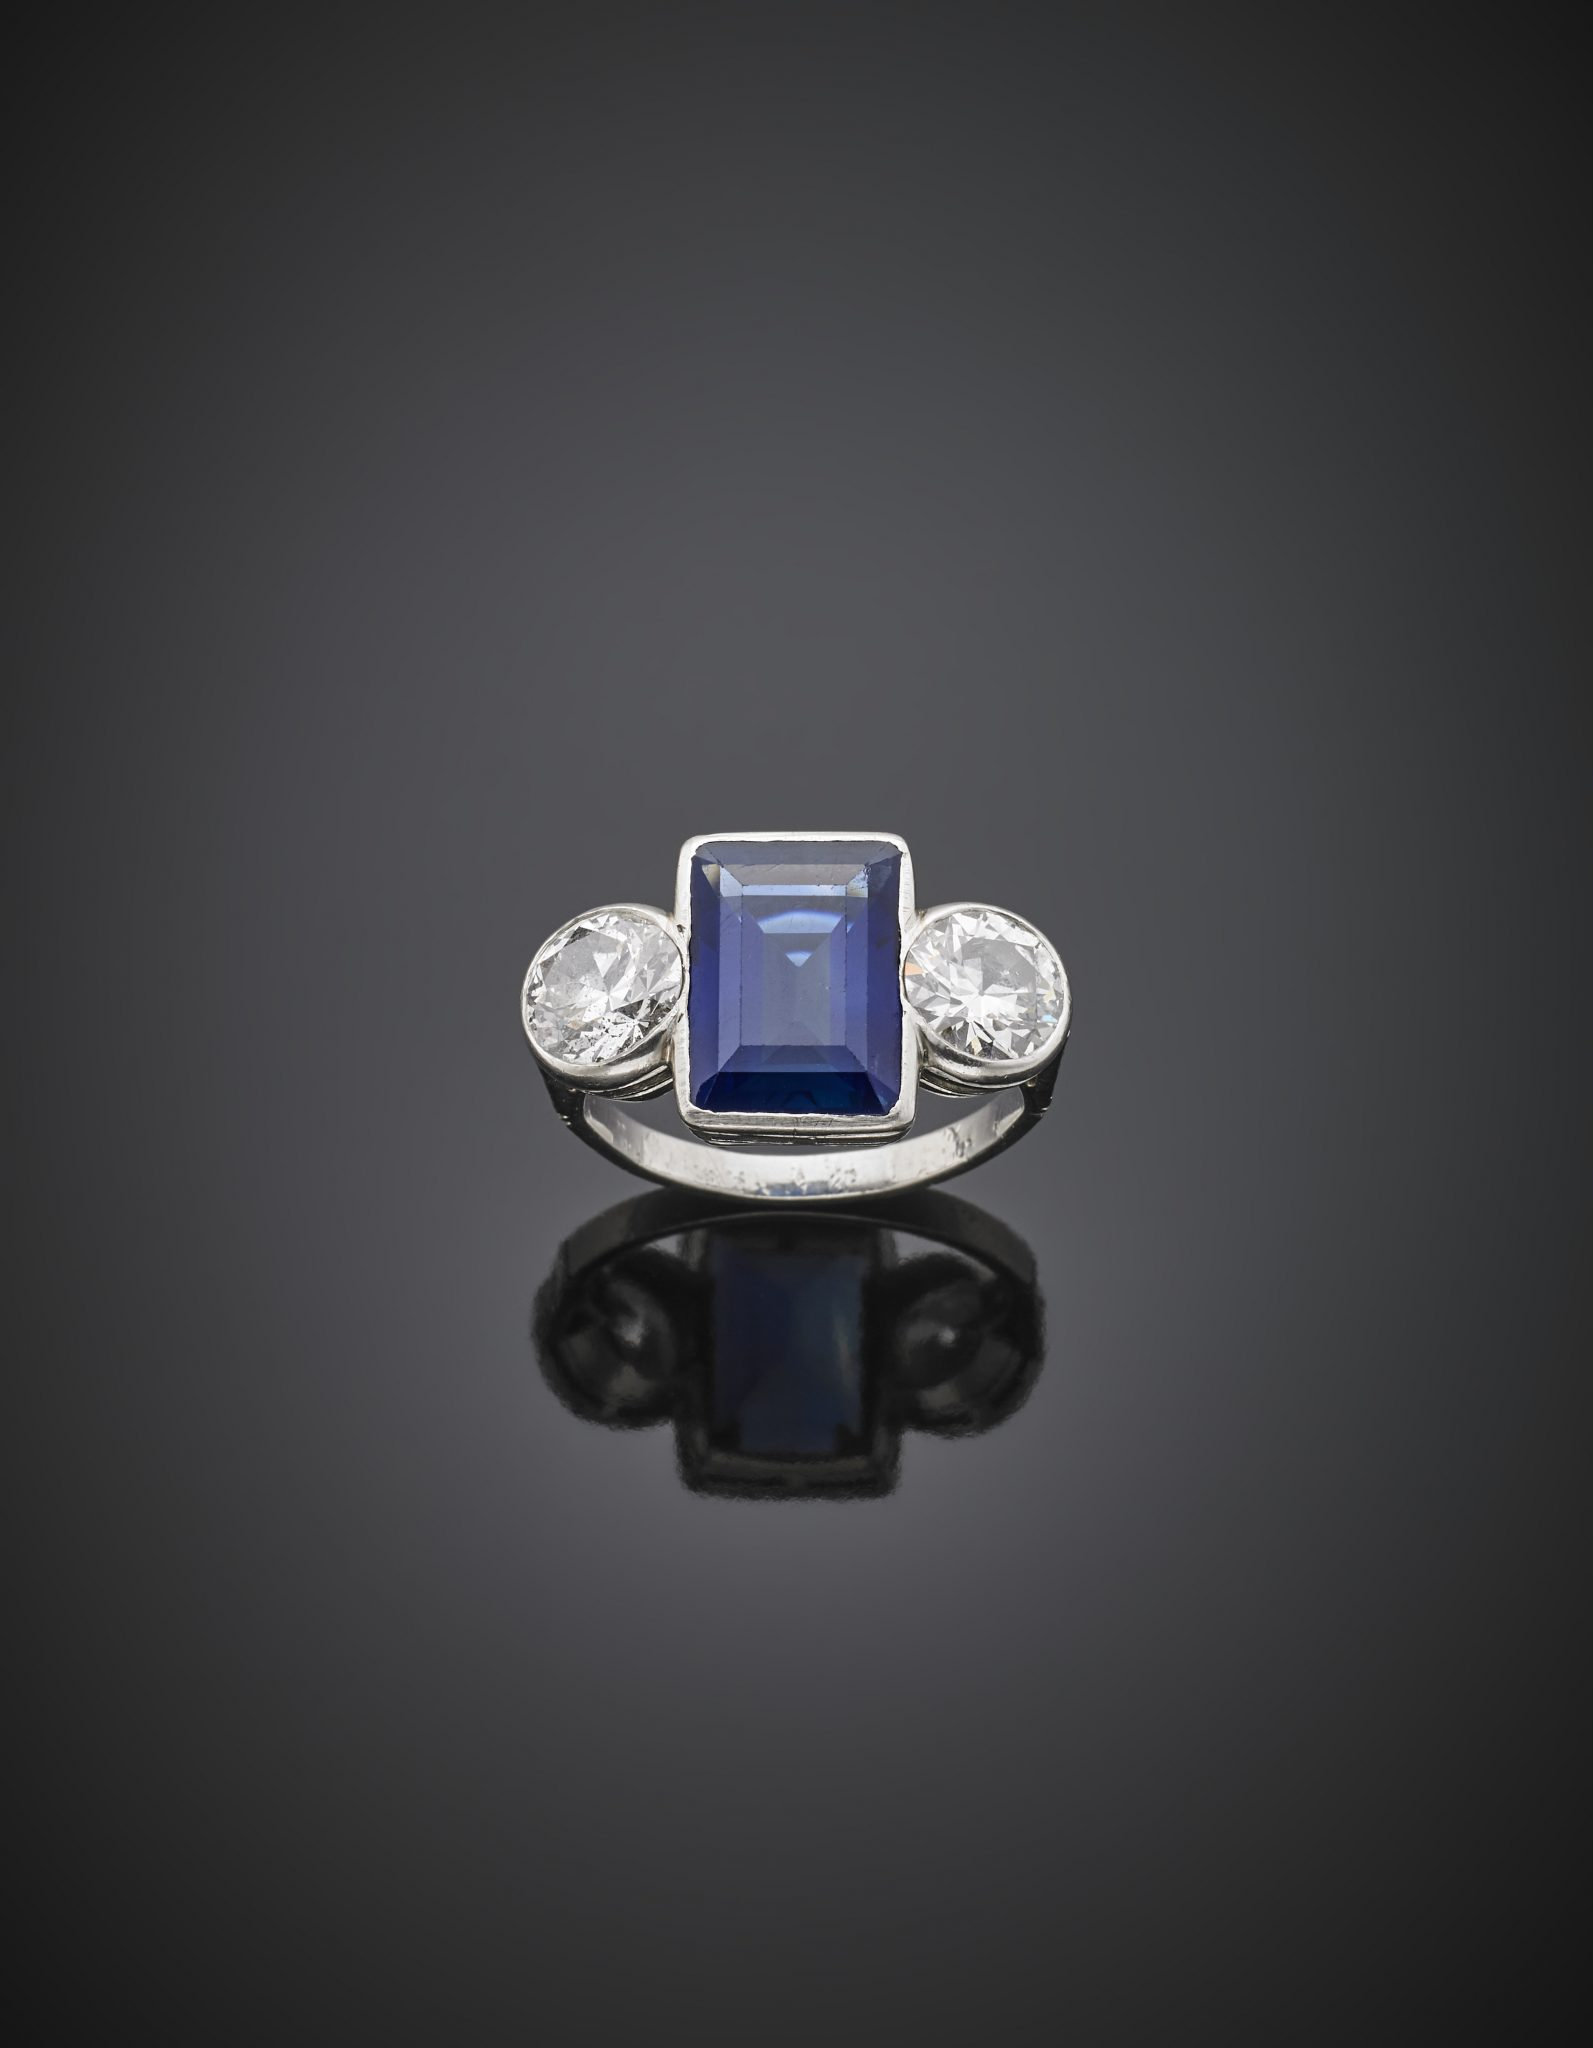 Lotto 1182 Anello in platino con due diamanti rotondi taglio a brillante vecchio europeo ai lati di uno zaffiro Kashmir di ct. 8,10 circa, diamanti per complessivi ct. 3,08 circa, g 7,90 misura 11/51. Valutazione € 80.000,00-120.000,00